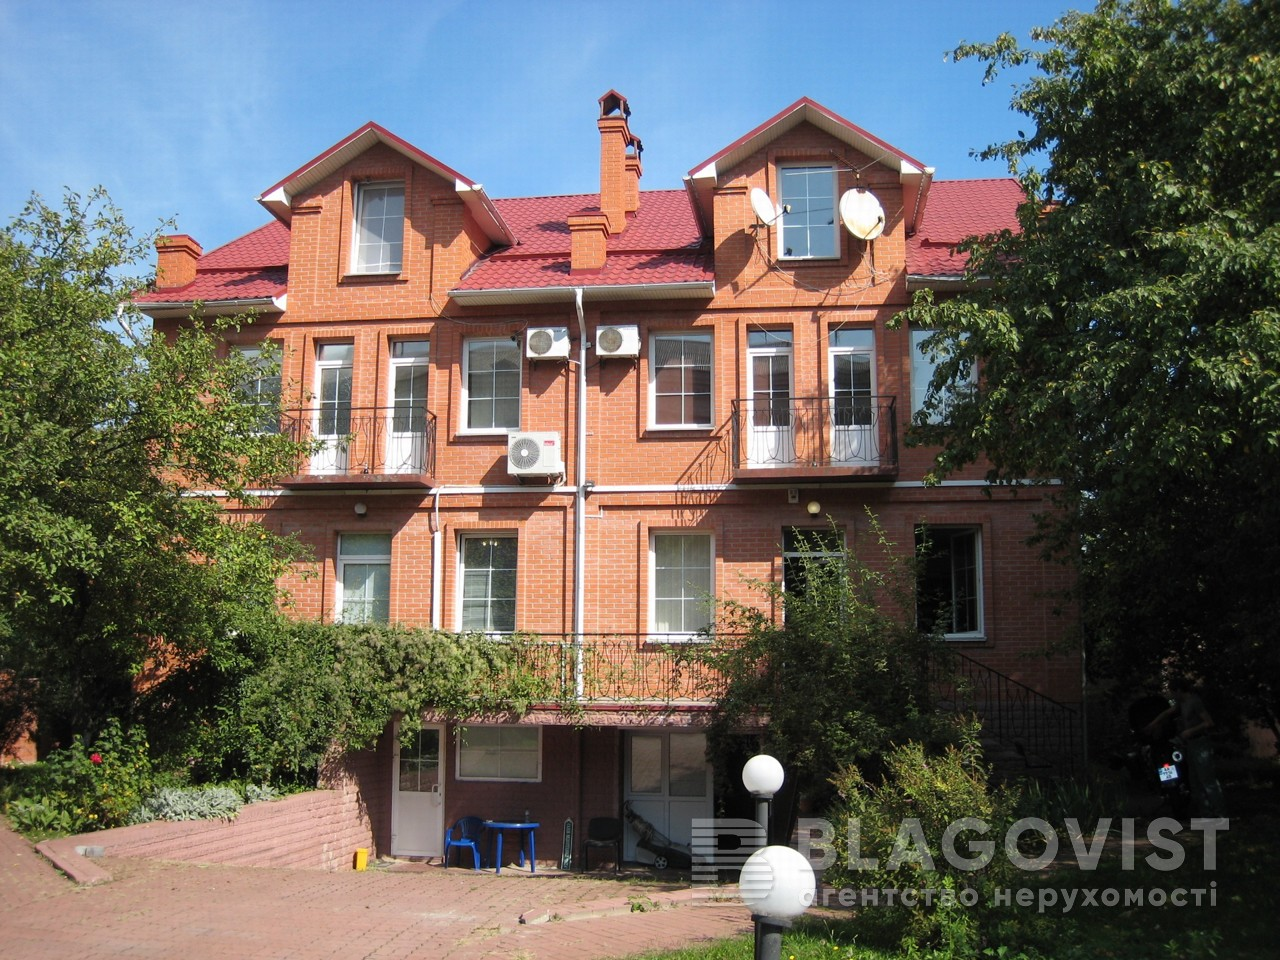 Нежитлове приміщення, H-43050, Нагірна, Київ - Фото 2